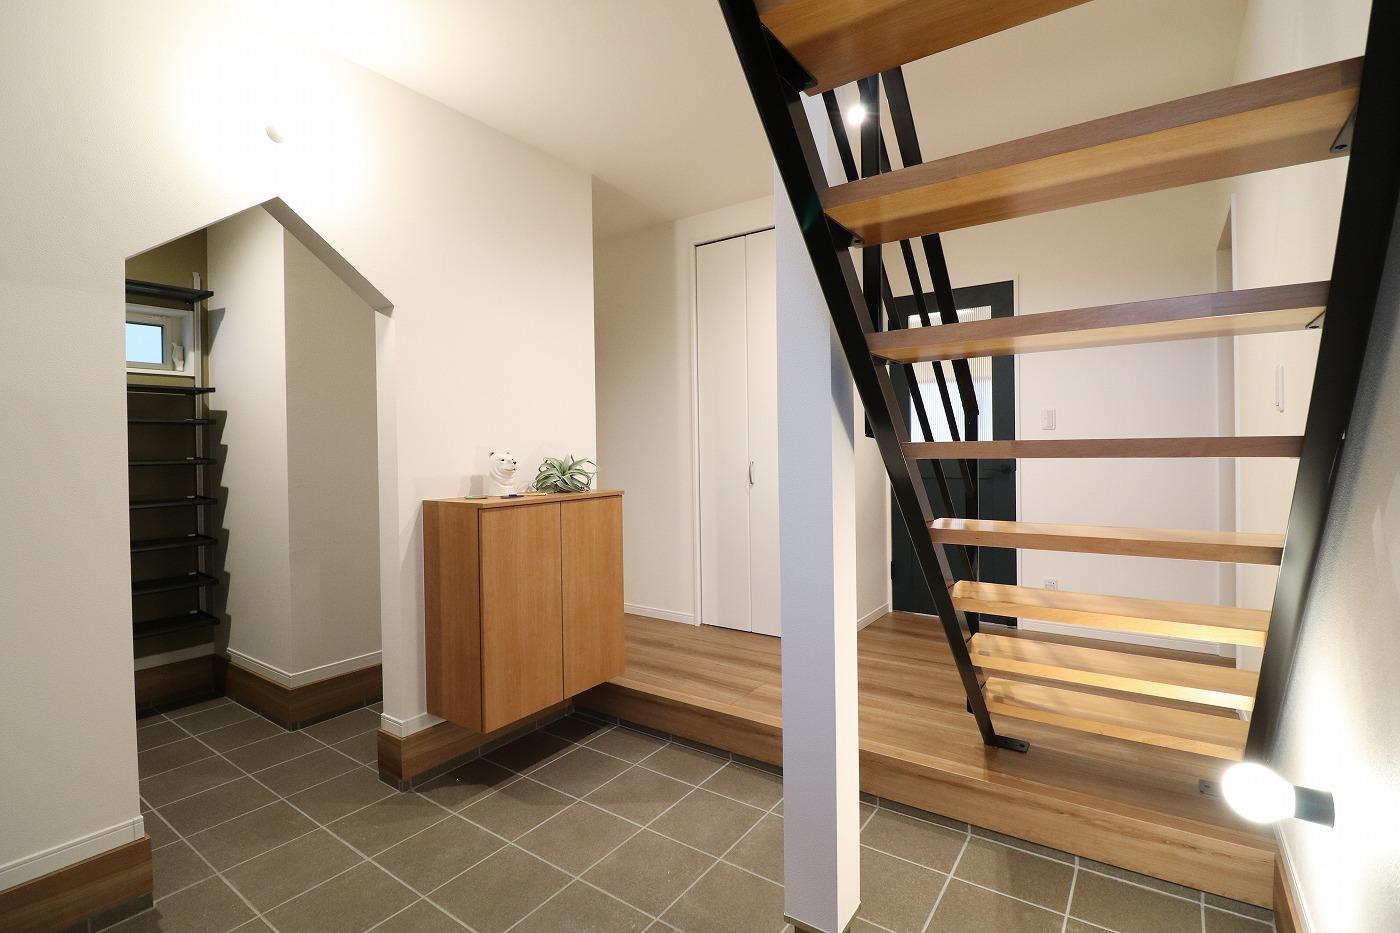 高松市高松町の新築分譲住宅の玄関土間鉄骨階段